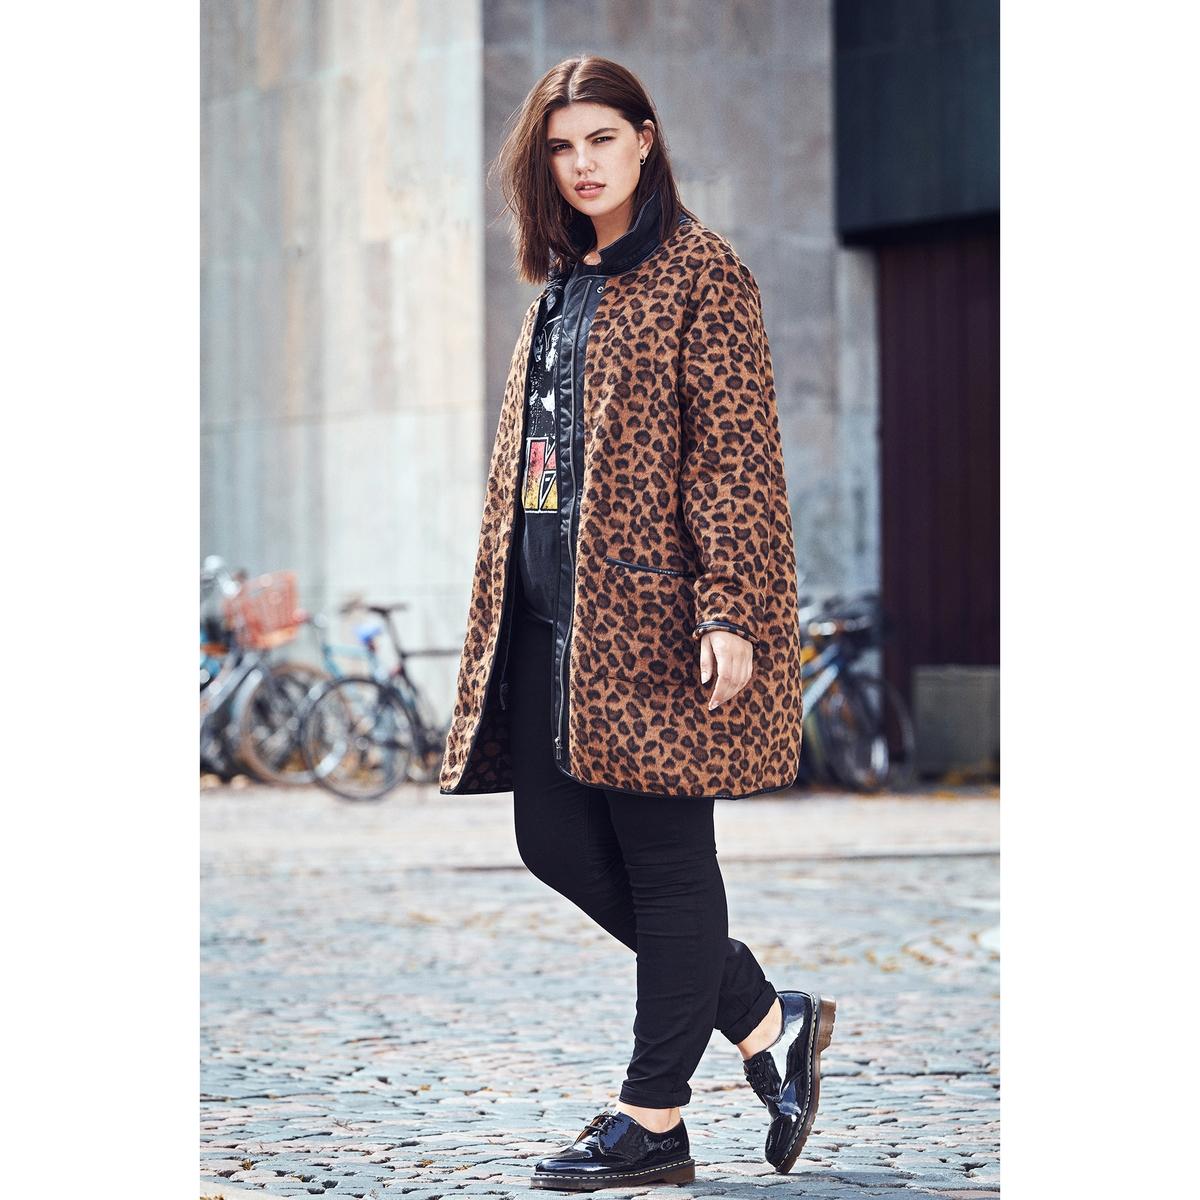 Пальто женское демисезонное средней длины с леопардовым рисункомОписание:Очень модное пальто с леопардовым рисунком. Замечательный круглый вырез, прямой покрой. Пальто в минималистском стиле, которое не надоест !Детали •  Длина : средняя •  Круглый вырез •  Рисунок-принт •  Застежка на кнопкиСостав и уход •  10% мохера, 90% полиэстера •  Следуйте советам по уходу, указанным на этикеткеТовар из коллекции больших размеров<br><br>Цвет: набивной рисунок<br>Размер: 50/52 (FR) - 56/58 (RUS).46/48 (FR) - 52/54 (RUS)